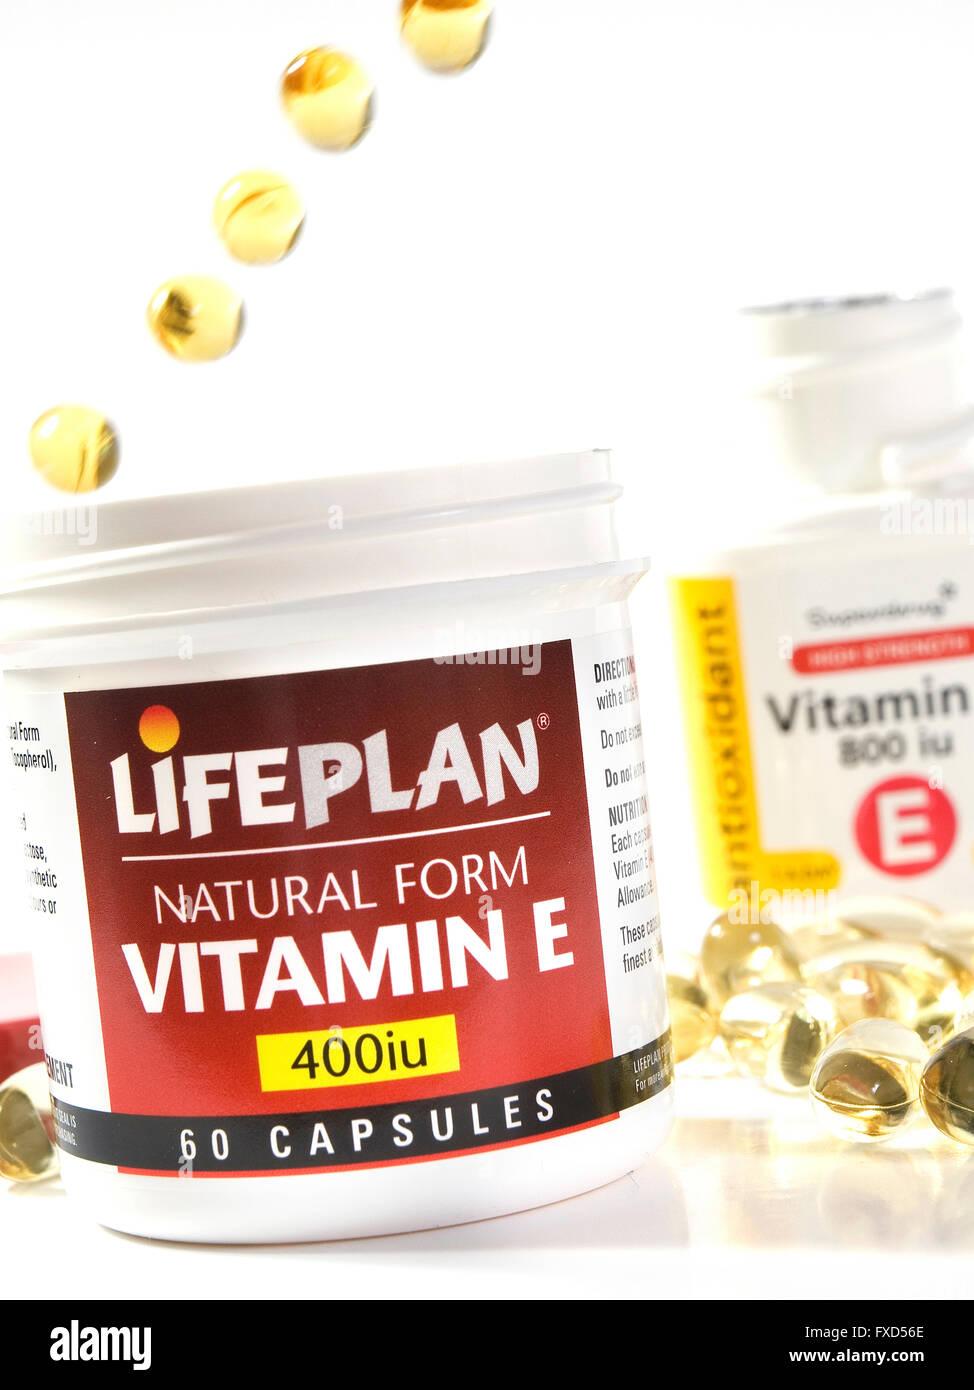 Vitamin E capsules - Stock Image